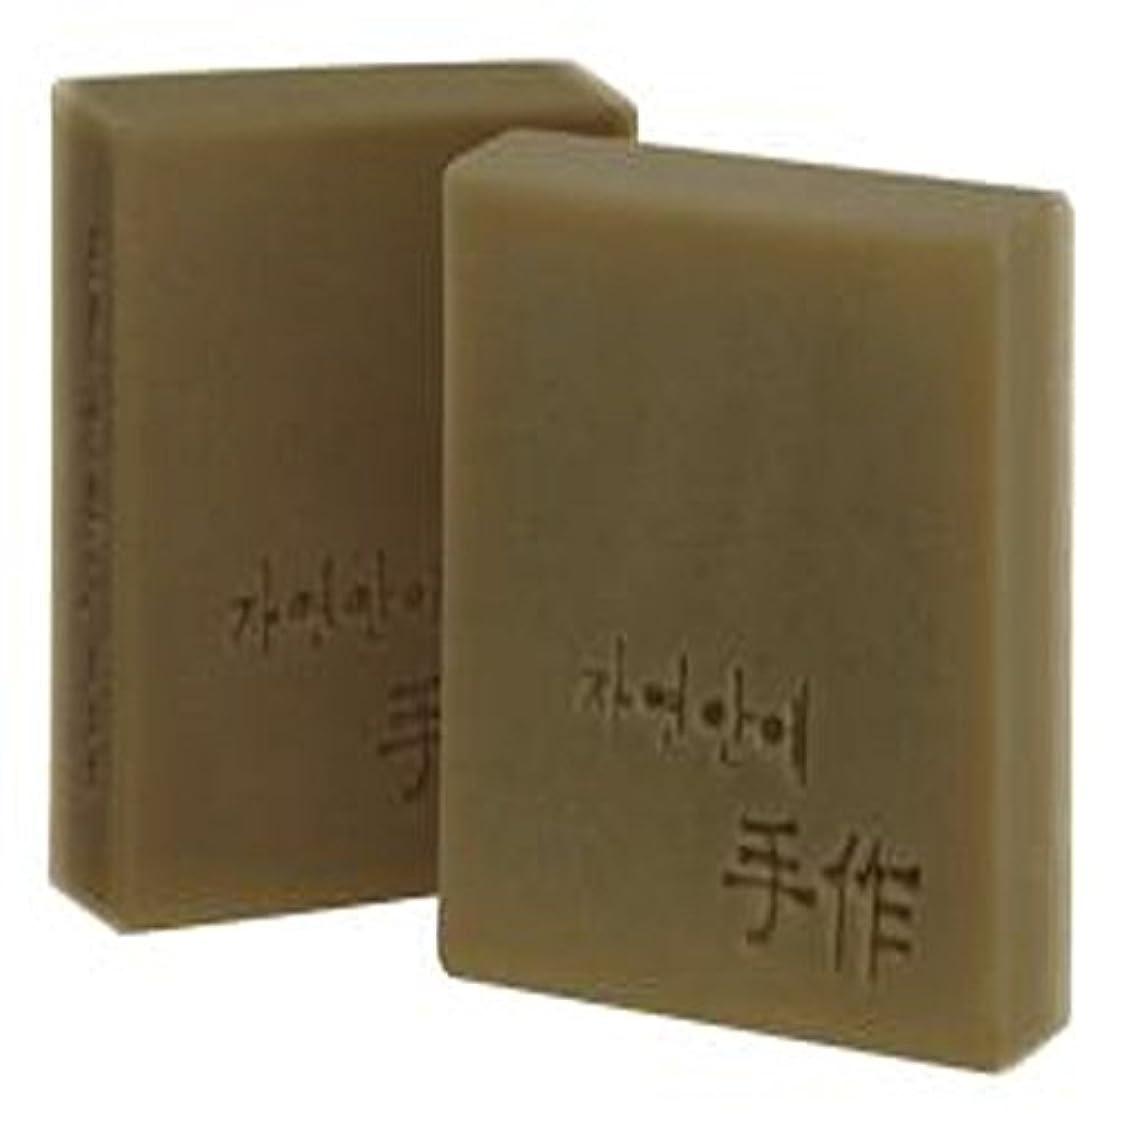 前述の好きであるシリングNatural organic 有機天然ソープ 固形 無添加 洗顔せっけんクレンジング 石鹸 [並行輸入品] (カボチャ)